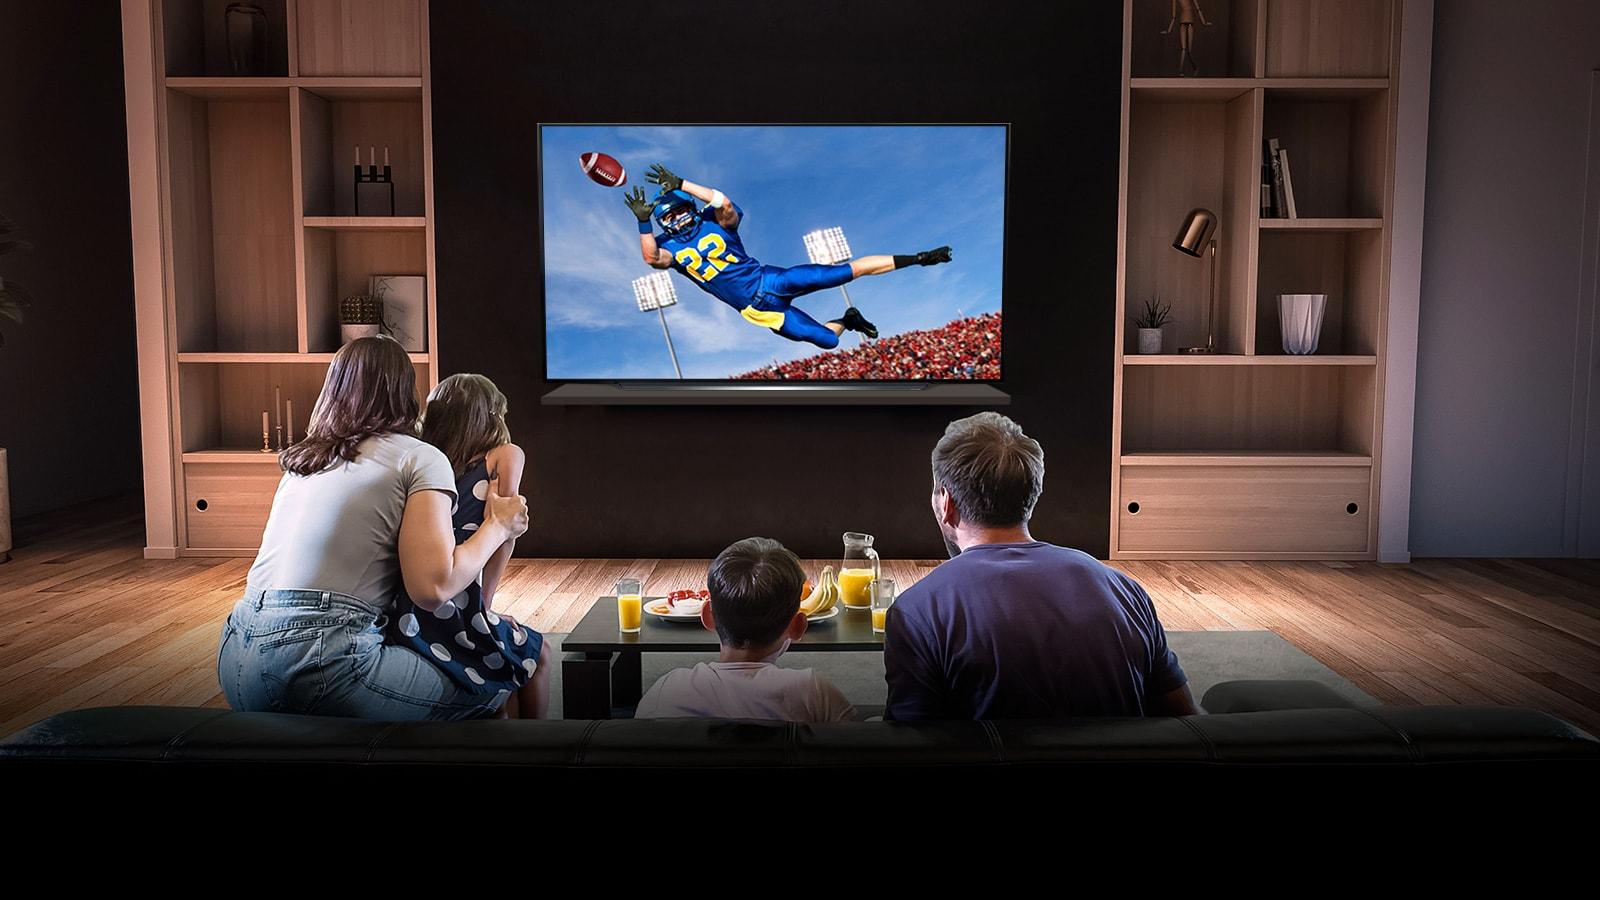 Ljudje, ki gledajo Tottenhamovo tekmo po televiziji v dnevni sobi